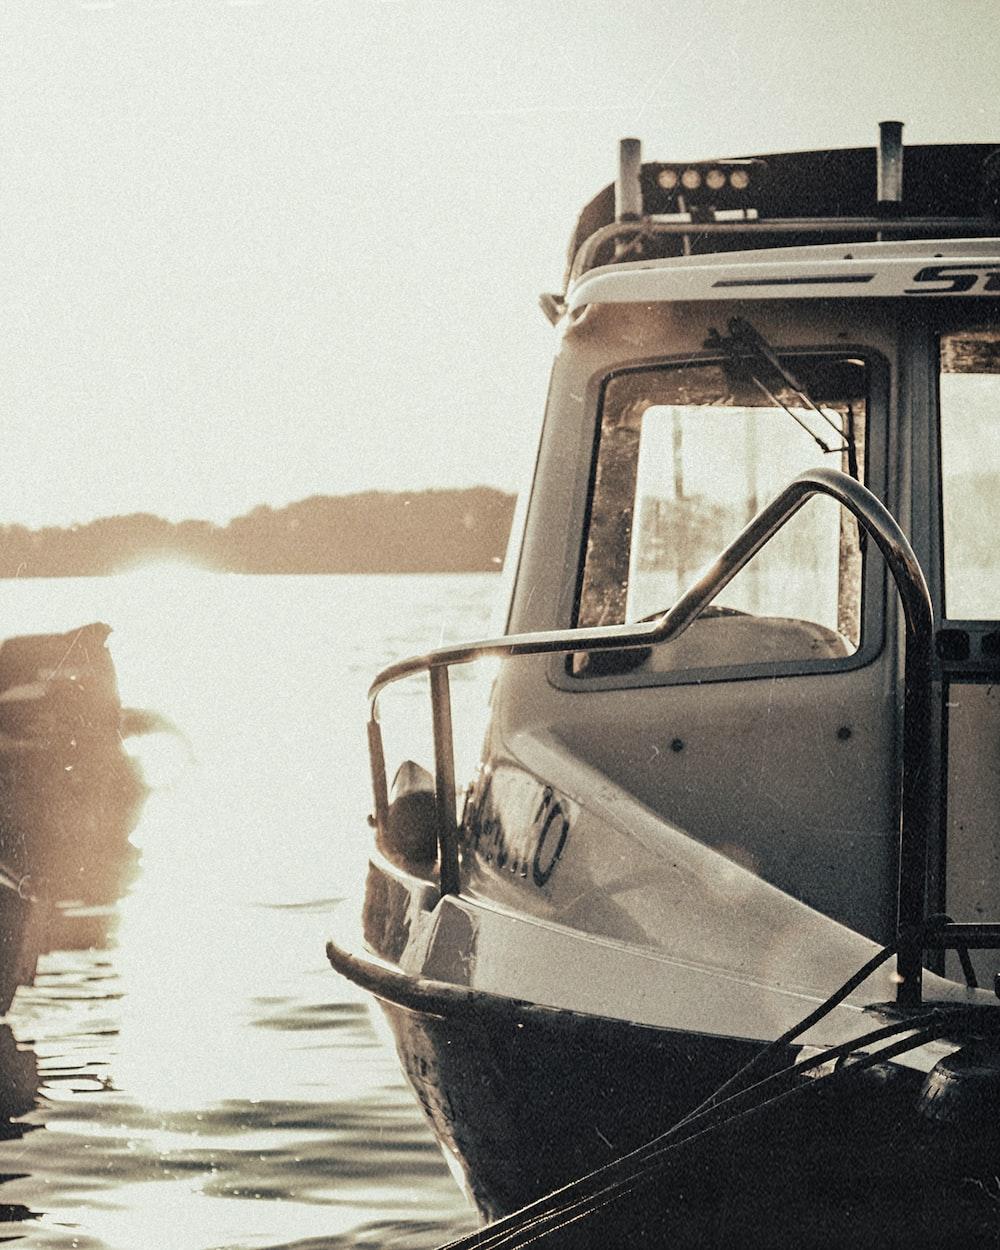 gray motor boat